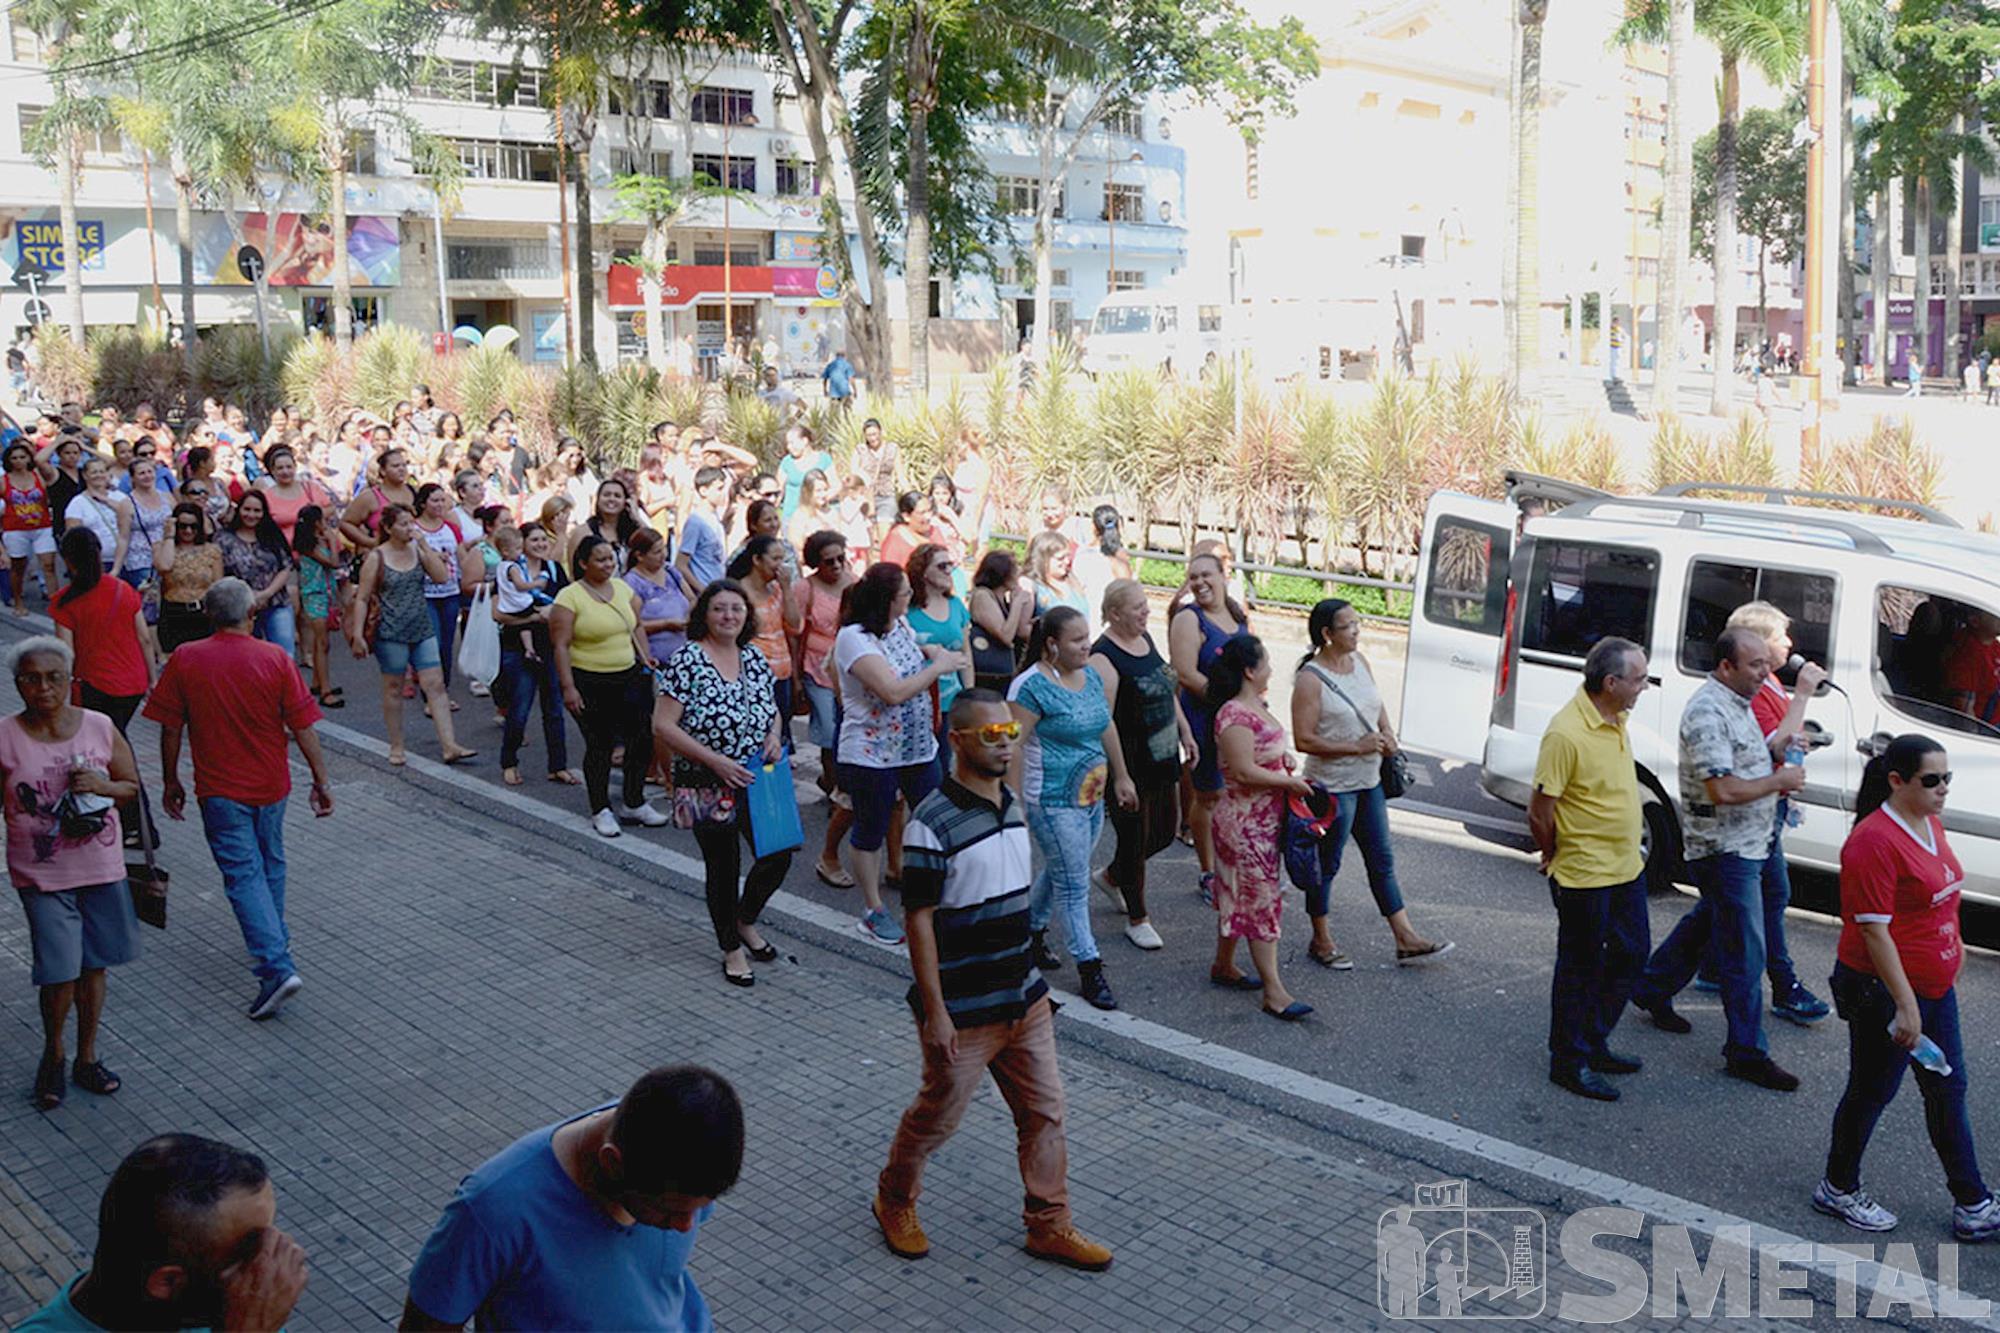 Merendeiras da terceirizada ERJ realizaram diversos protestos devido à falta de pagamento dos salários e continuam desamparadas após contratação de no, Para presidente do BAS é preciso dar mais atenção à qualidade da merenda